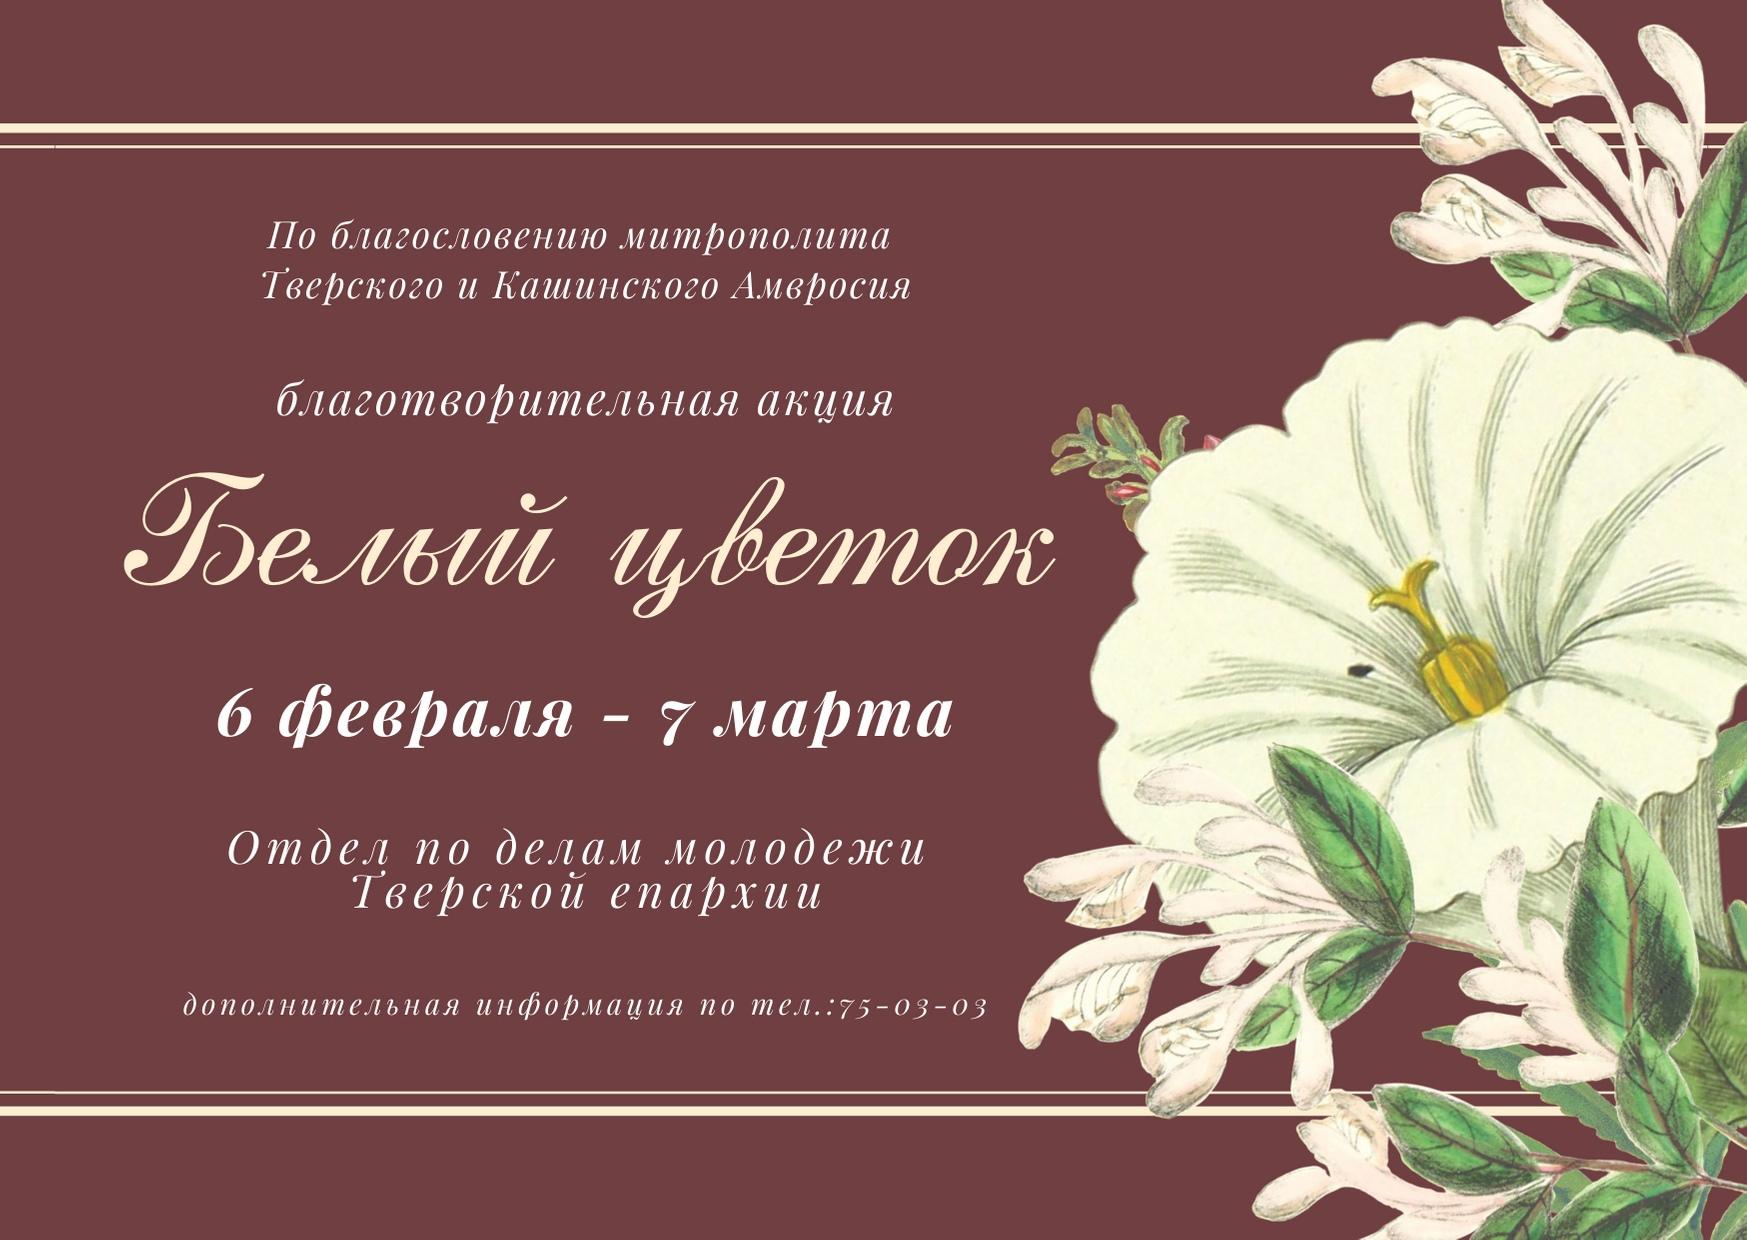 Продолжается благотворительная акция «Белый цветок»